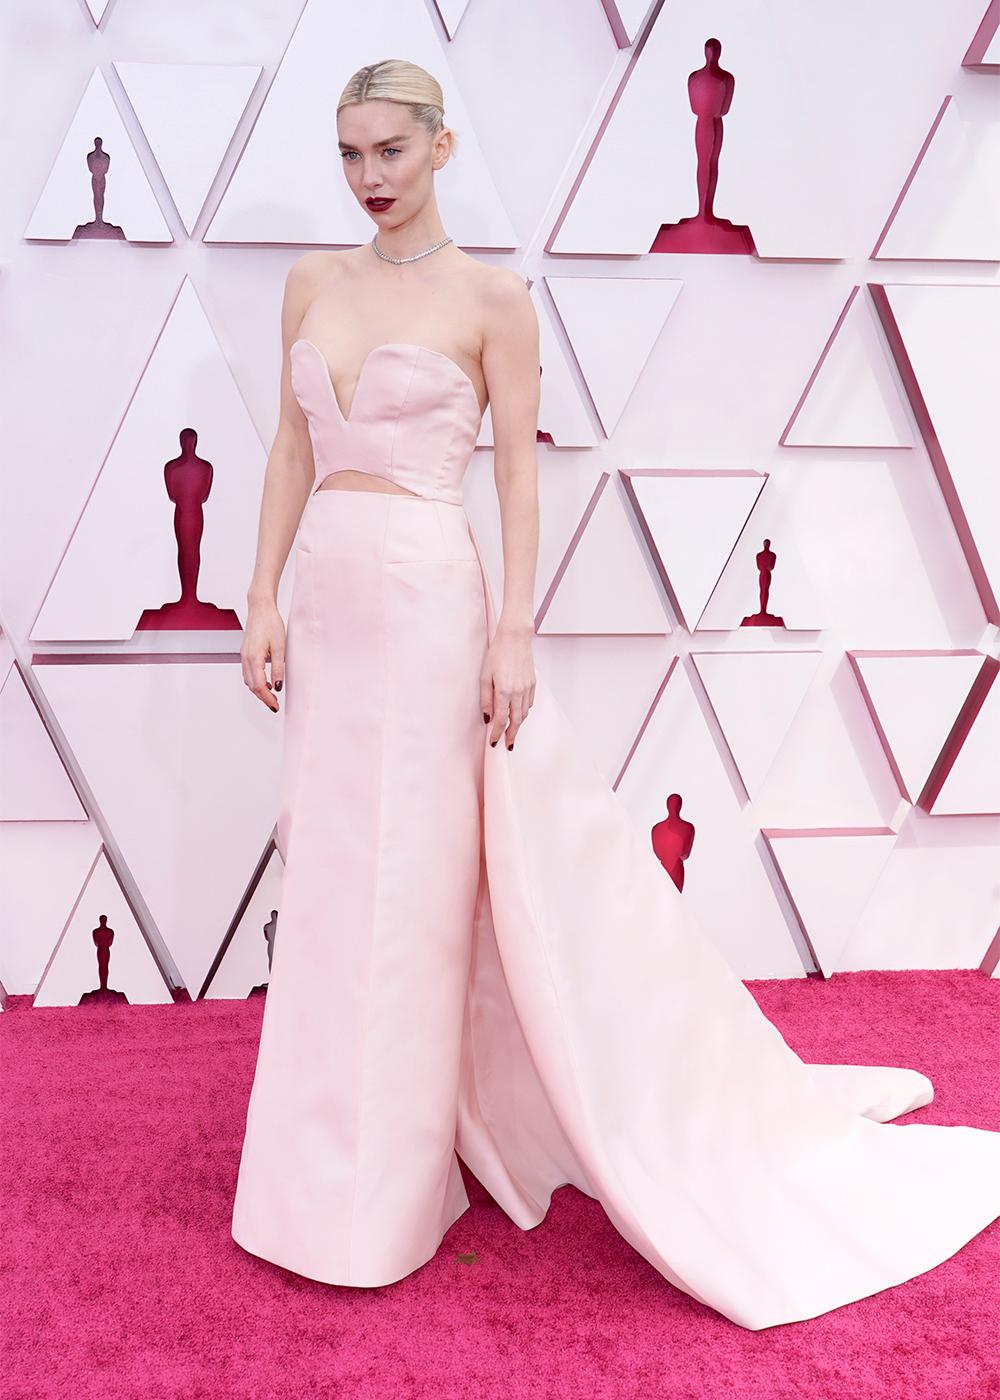 Mái tóc bóng mượt, lối trang điểm sắc sảo nhấn đôi môi màu hạt dẻ và chiếc váy hồng mềm mại mang đến vẻ ngoài tuyệt vời cho Vanessa Kirby .